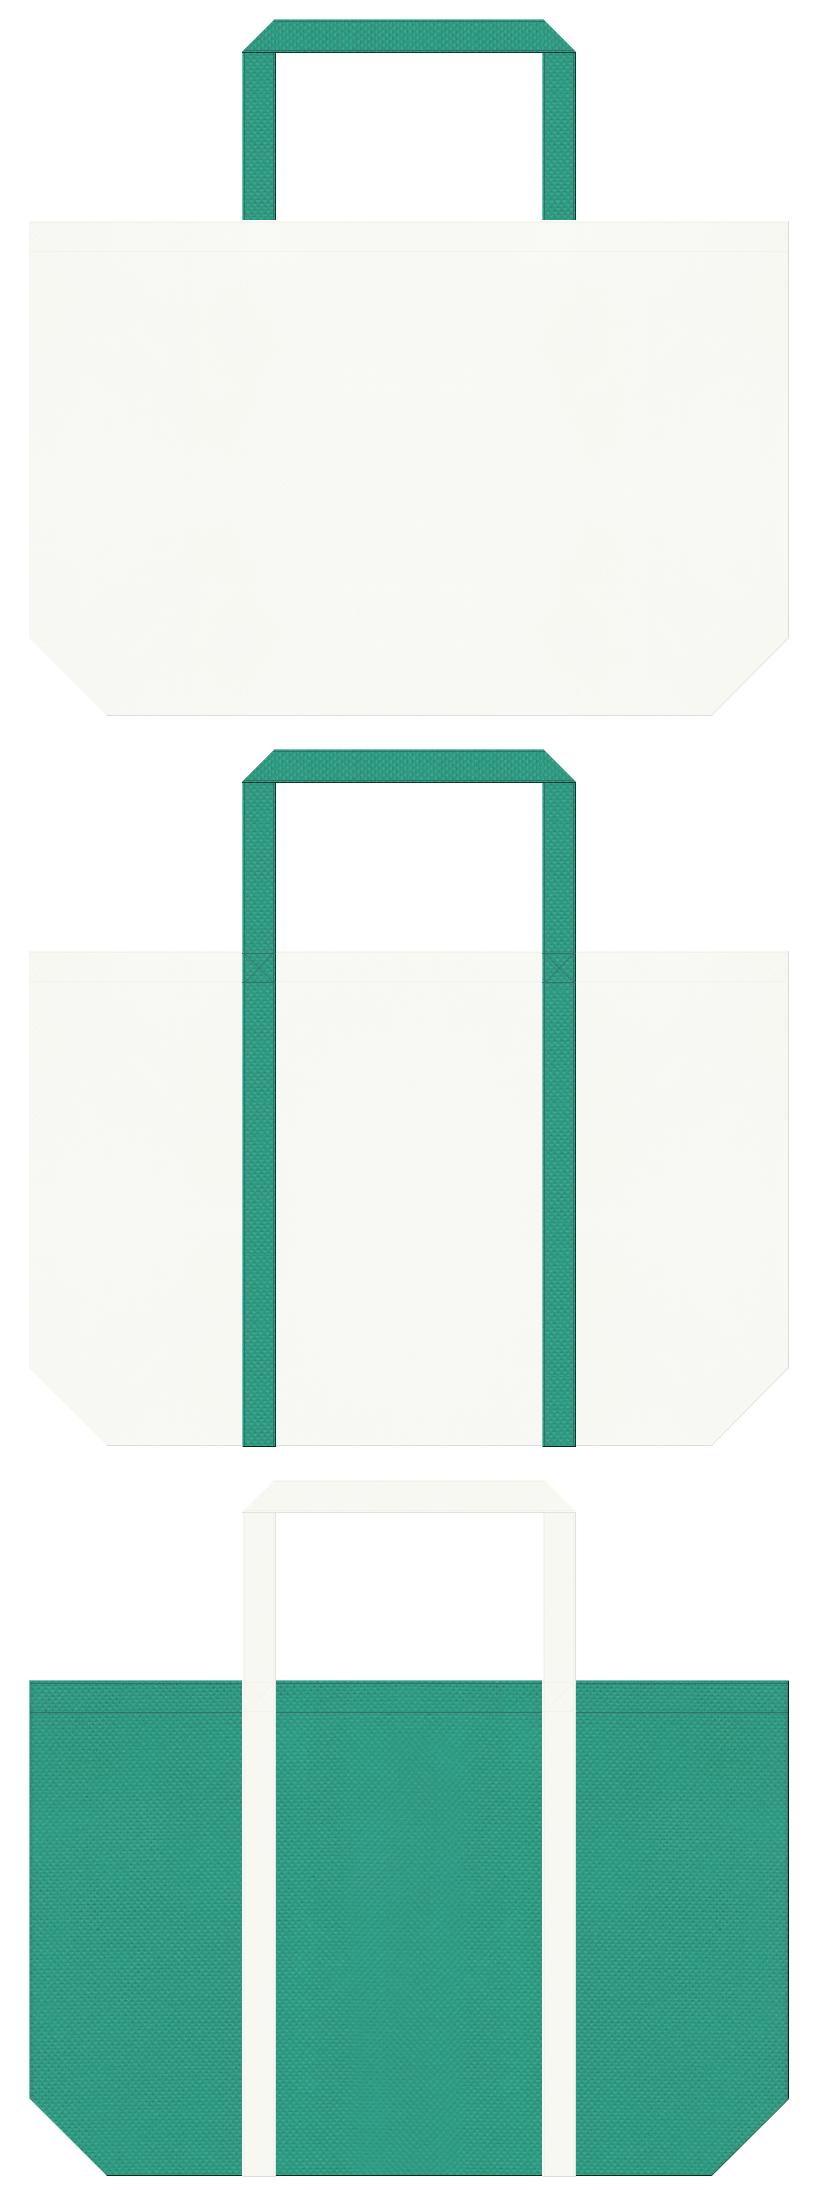 オフホワイト色と青緑色の不織布バッグデザイン。クリーンなイメージで、お掃除用品・洗剤・洗濯用品のショッピングバッグにお奨めです。